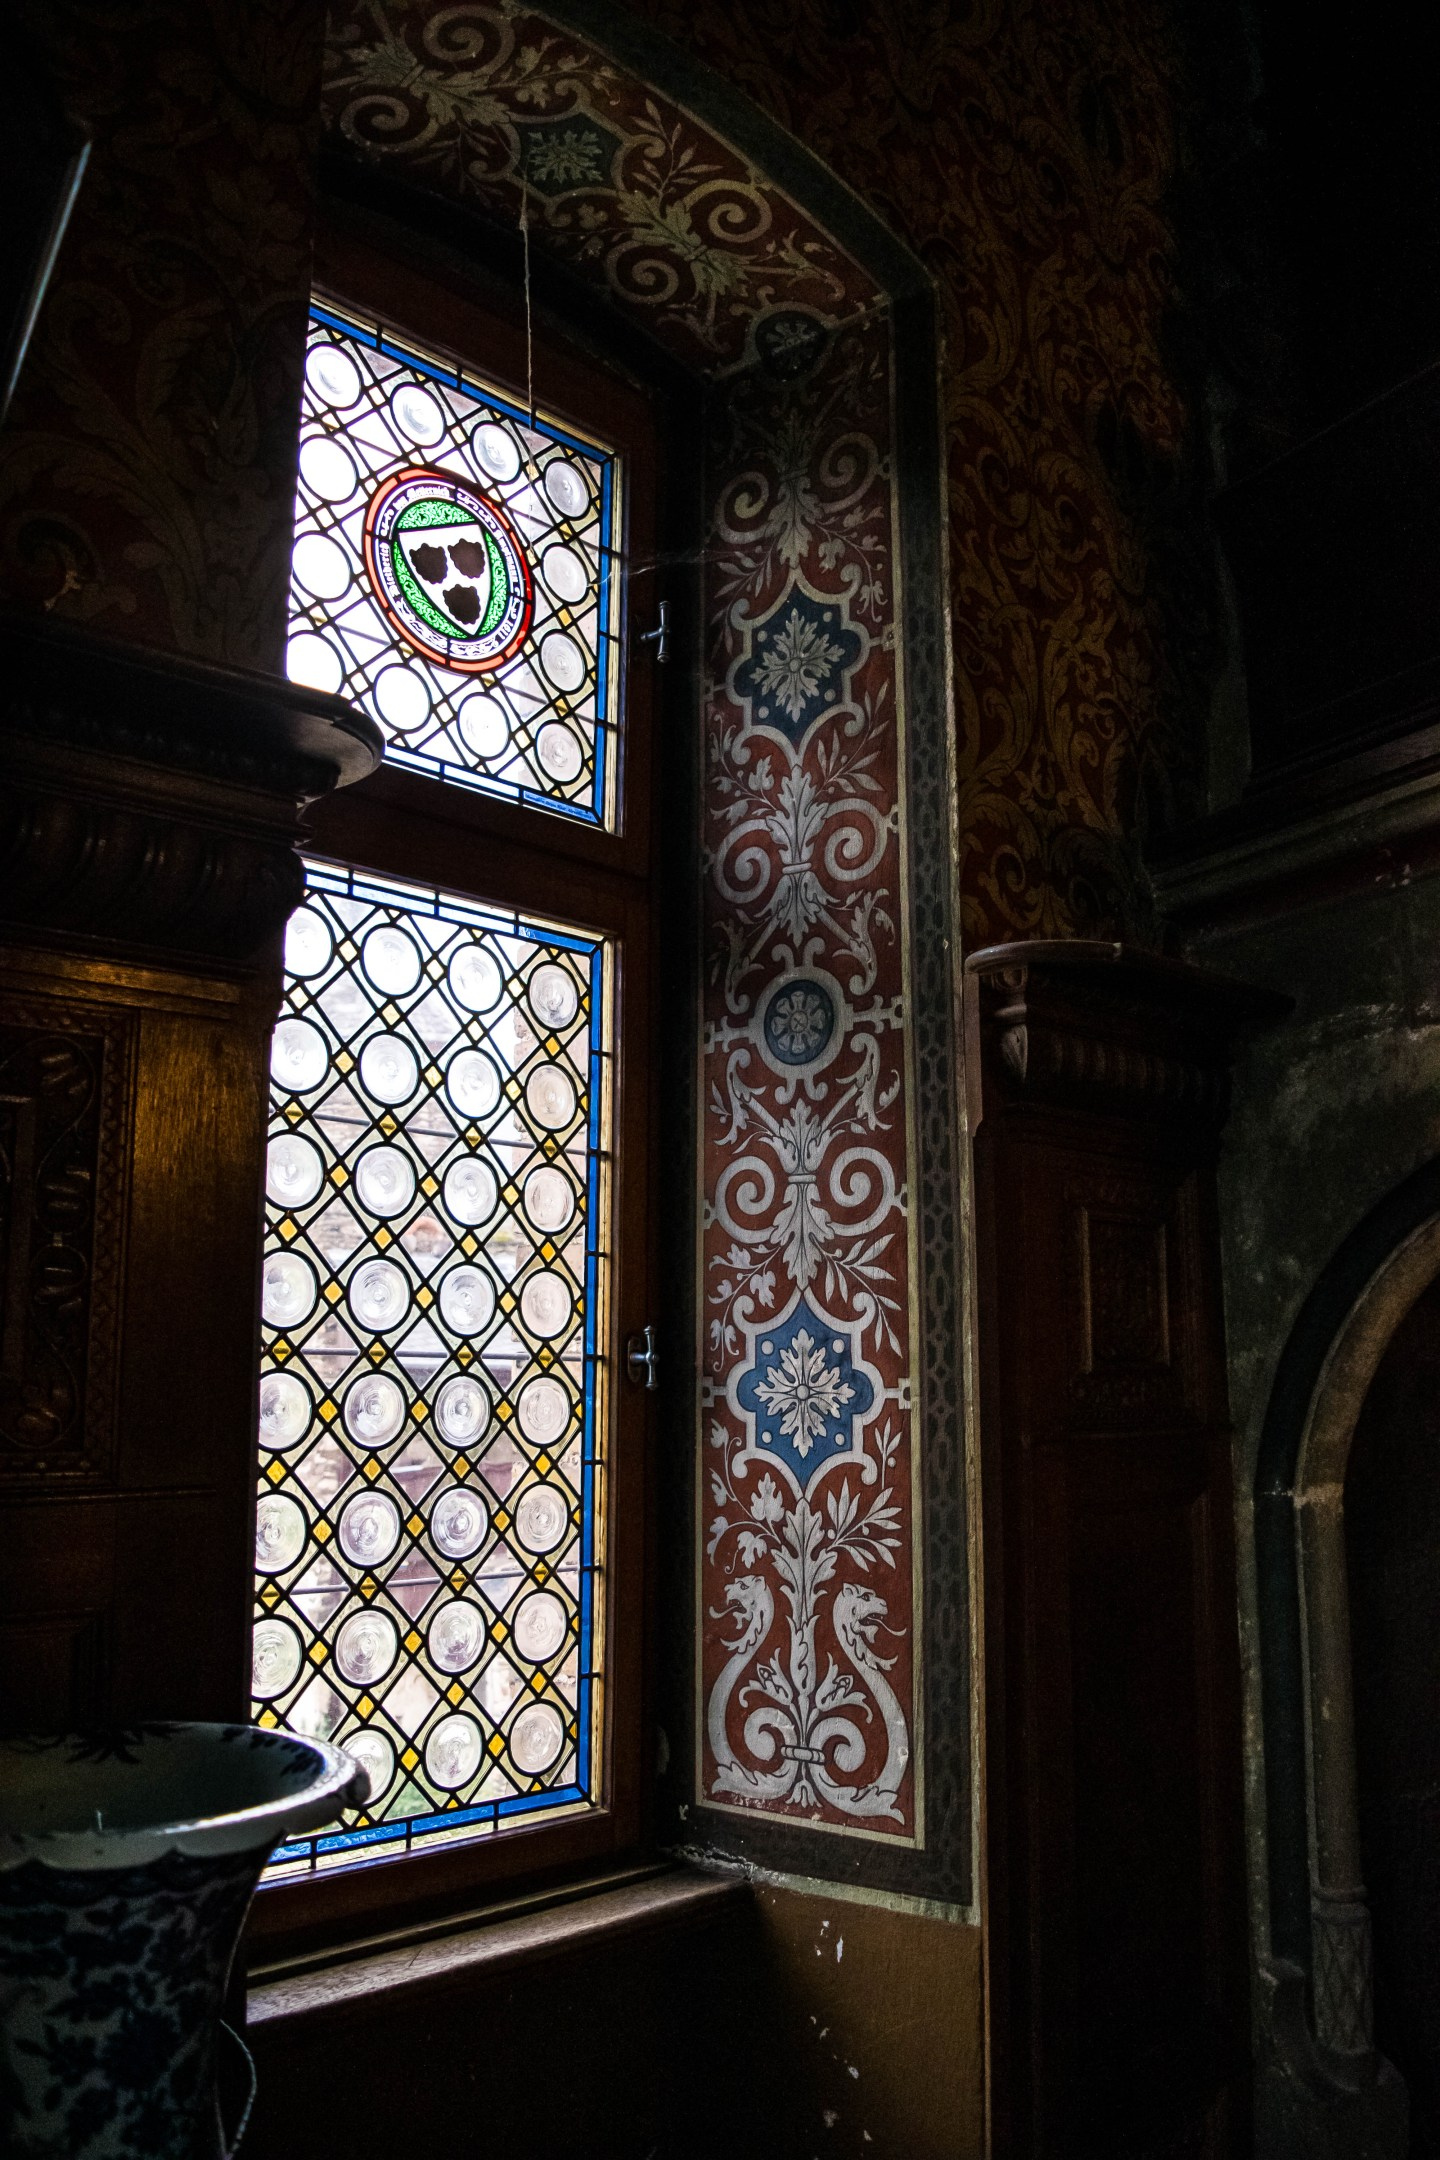 reichsburg inside window